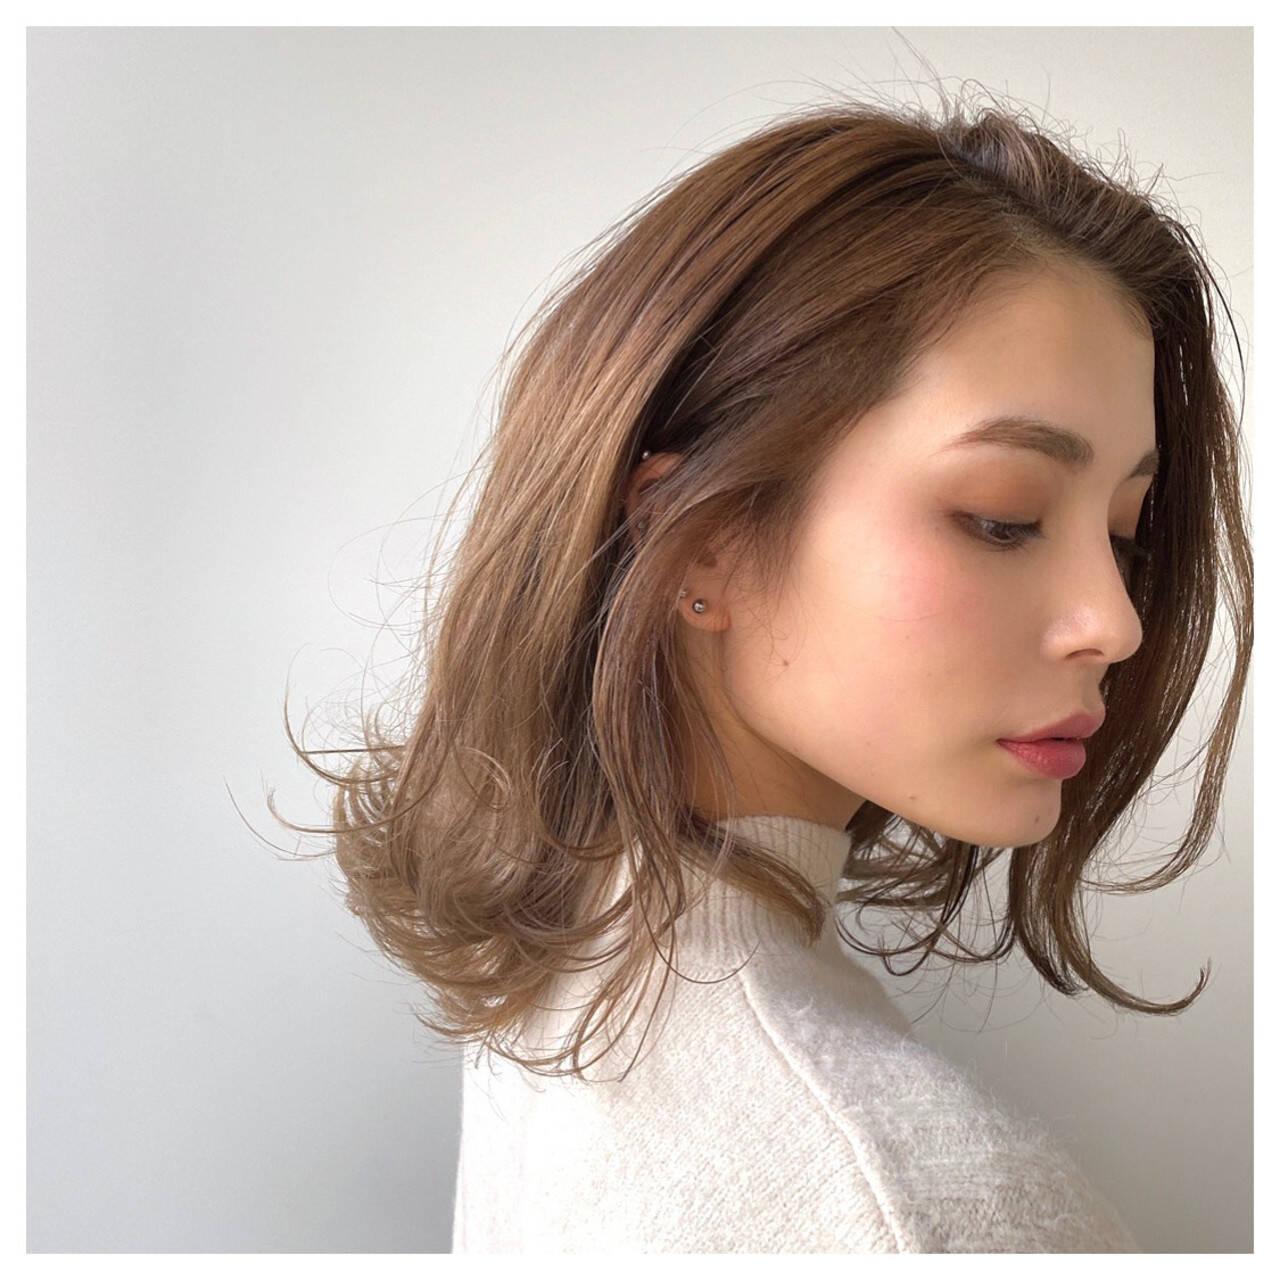 ミディアム ベージュ ベージュカラー ロブヘアスタイルや髪型の写真・画像